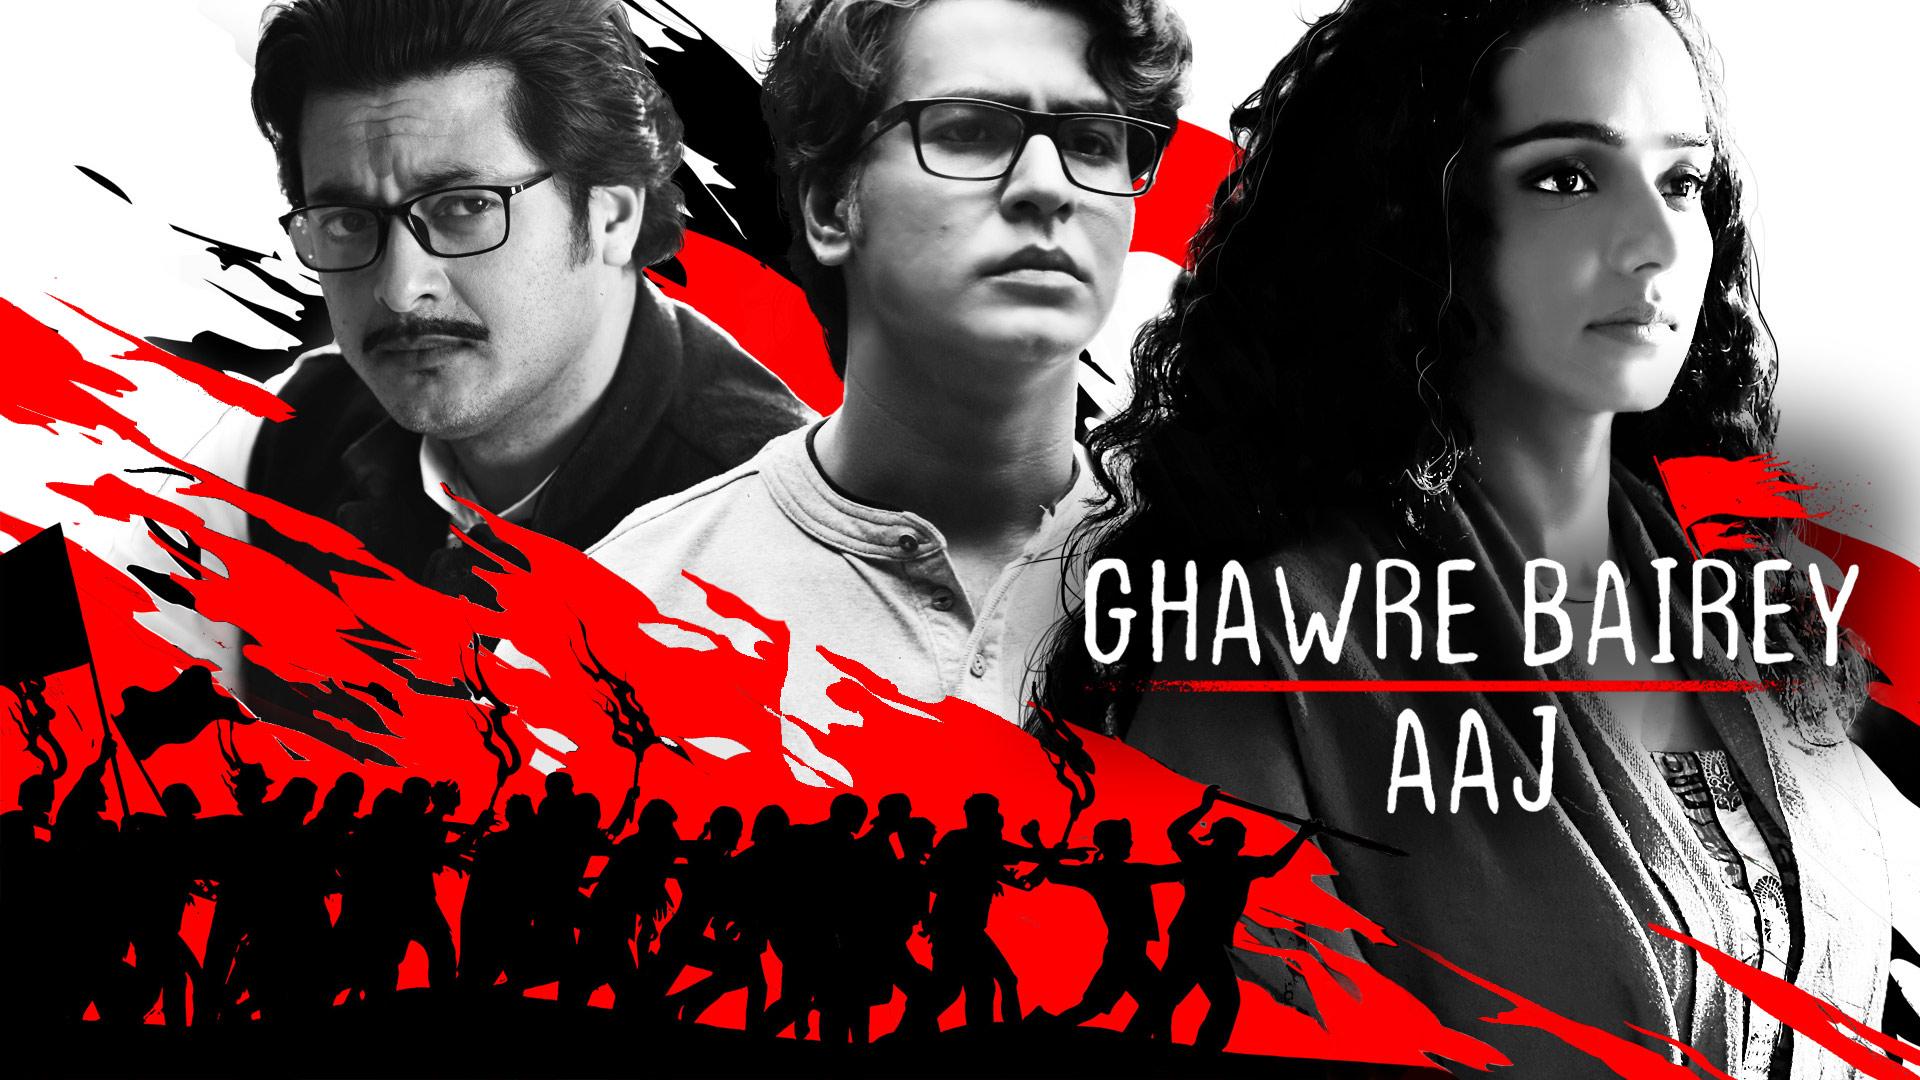 Ghawre Bairey Aaj